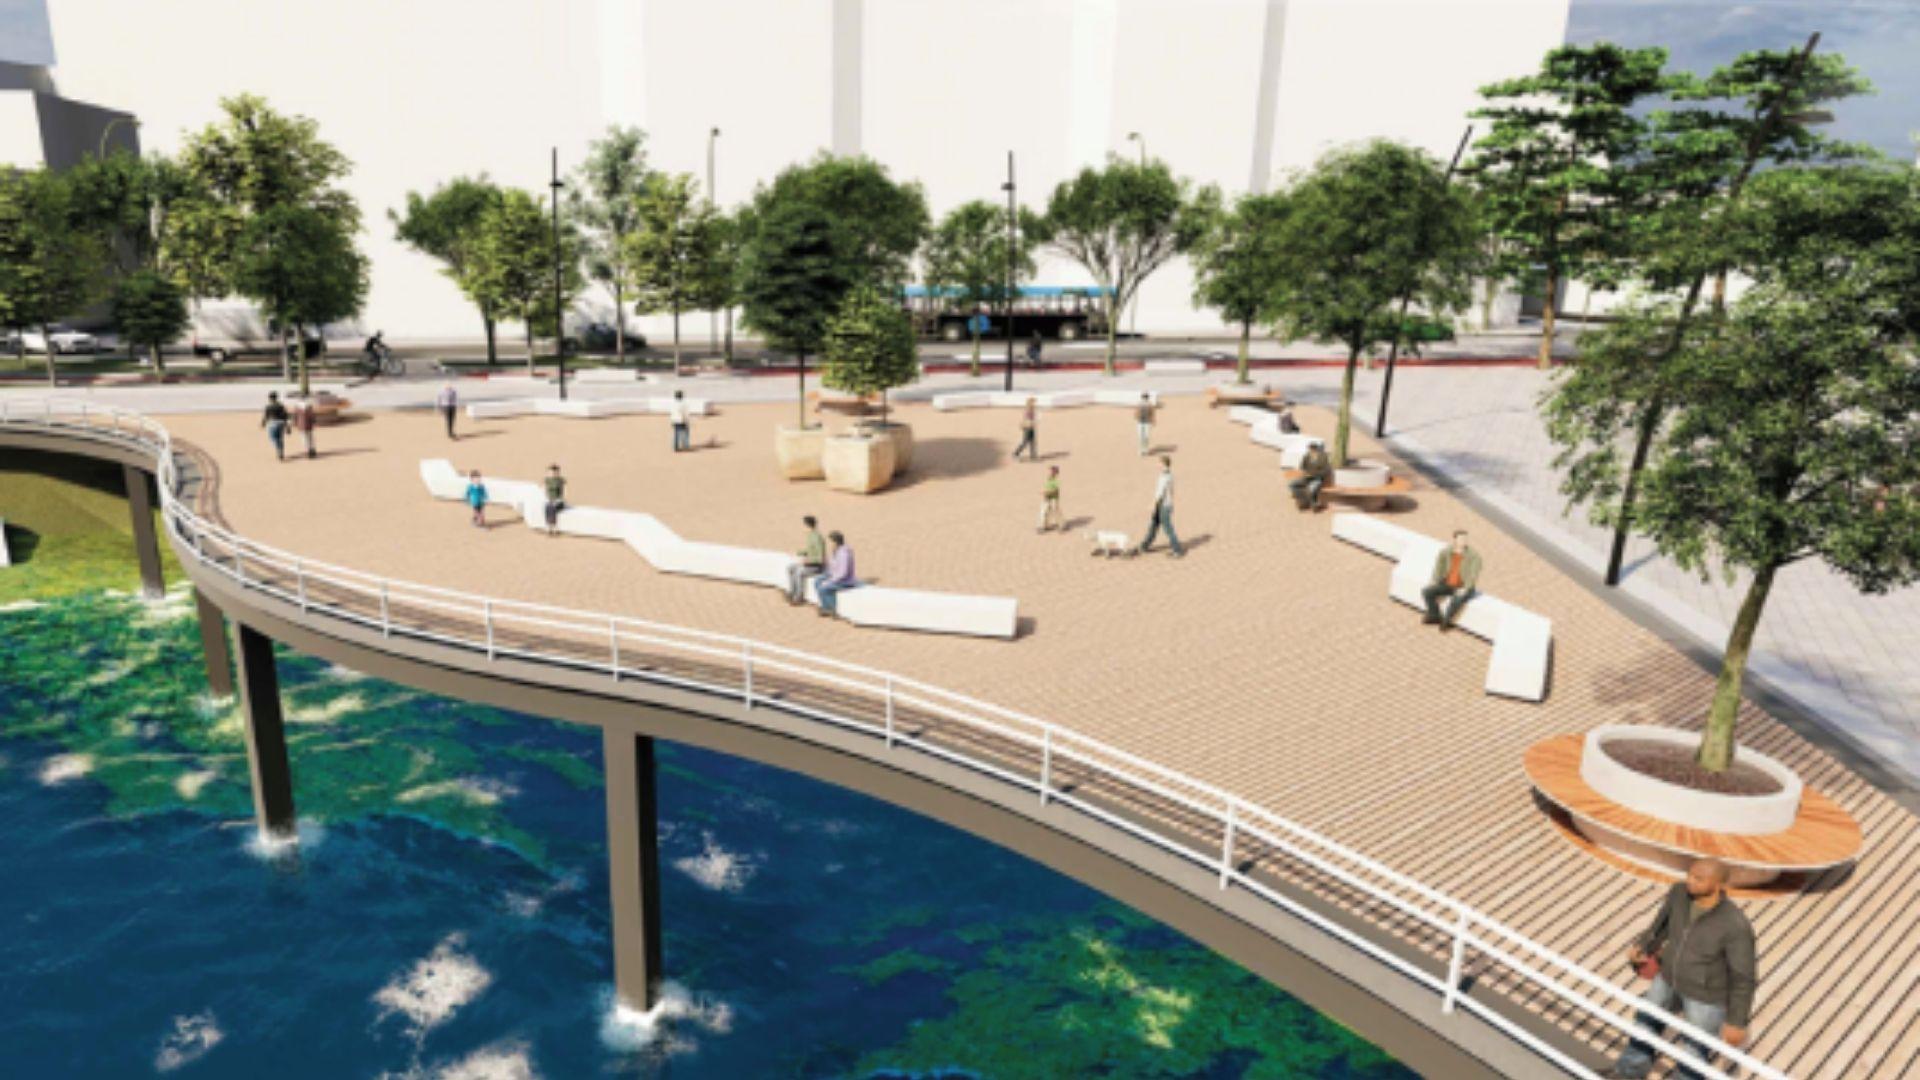 Los diseños para la nueva carade Cimavilla a Poniente.Paseantes por la nueva zona peatonal habilitada de manera provisional en la calzada del Muro de San Lorenzo